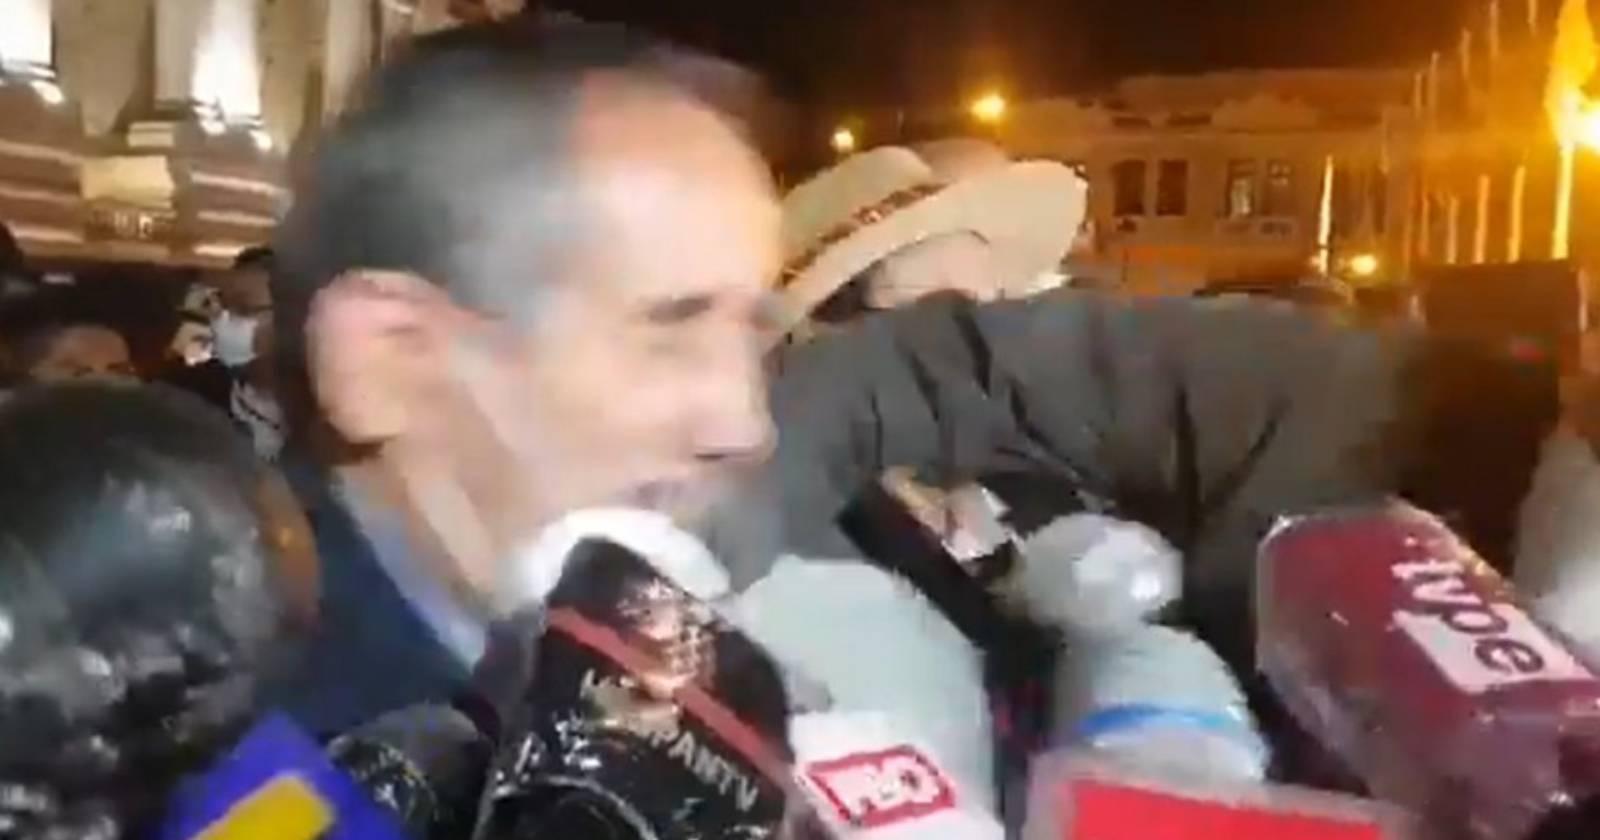 VIDEO – Congresista peruano recibe puñetazo tras votar a favor de la destitución de Vizcarra